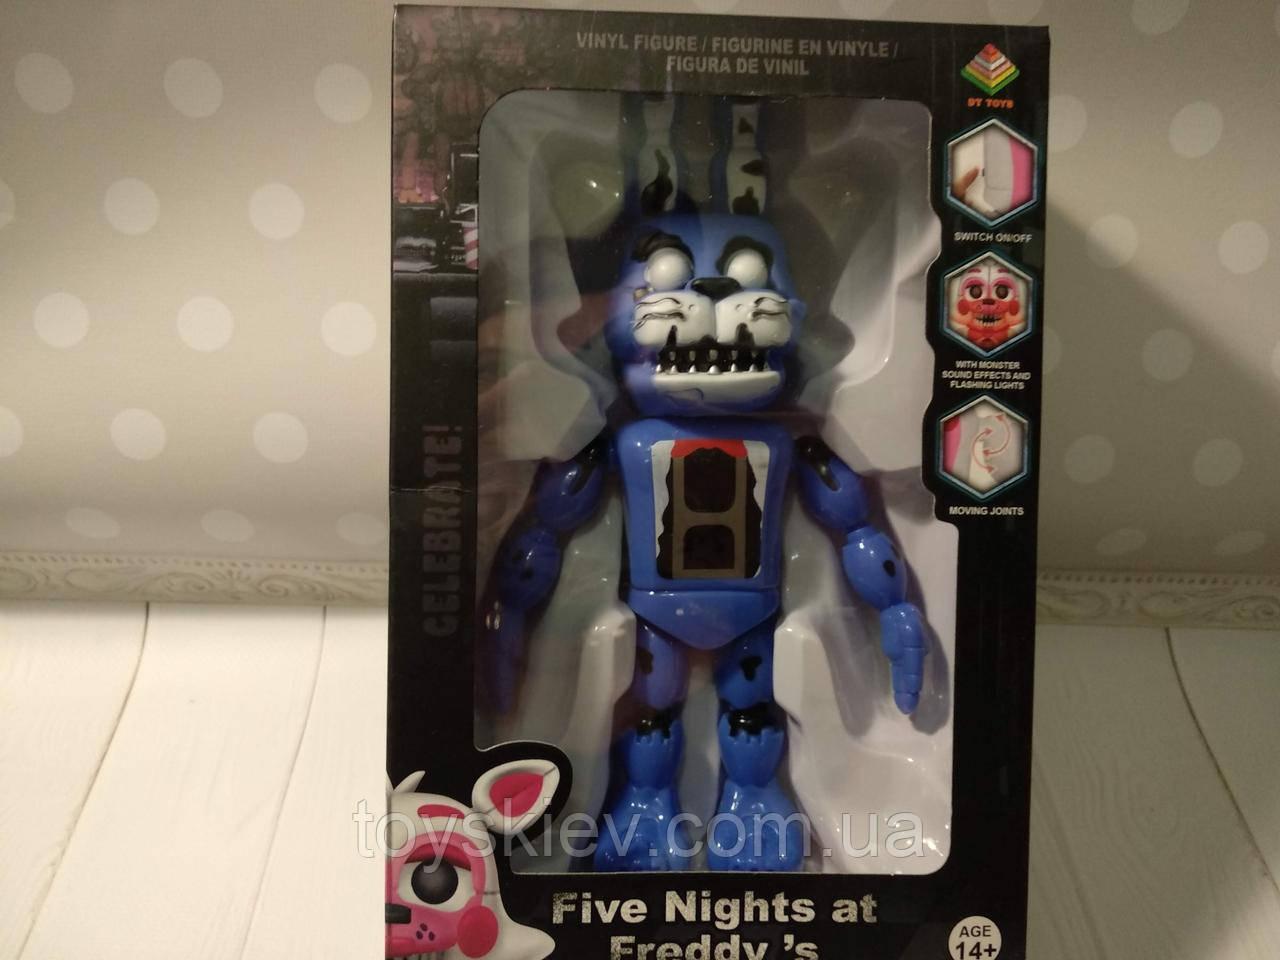 Игрушки 5 пять ночей с Фредди, Фредди / Funko Five Nights at Freddy's, Freddy N1 свет, звук.